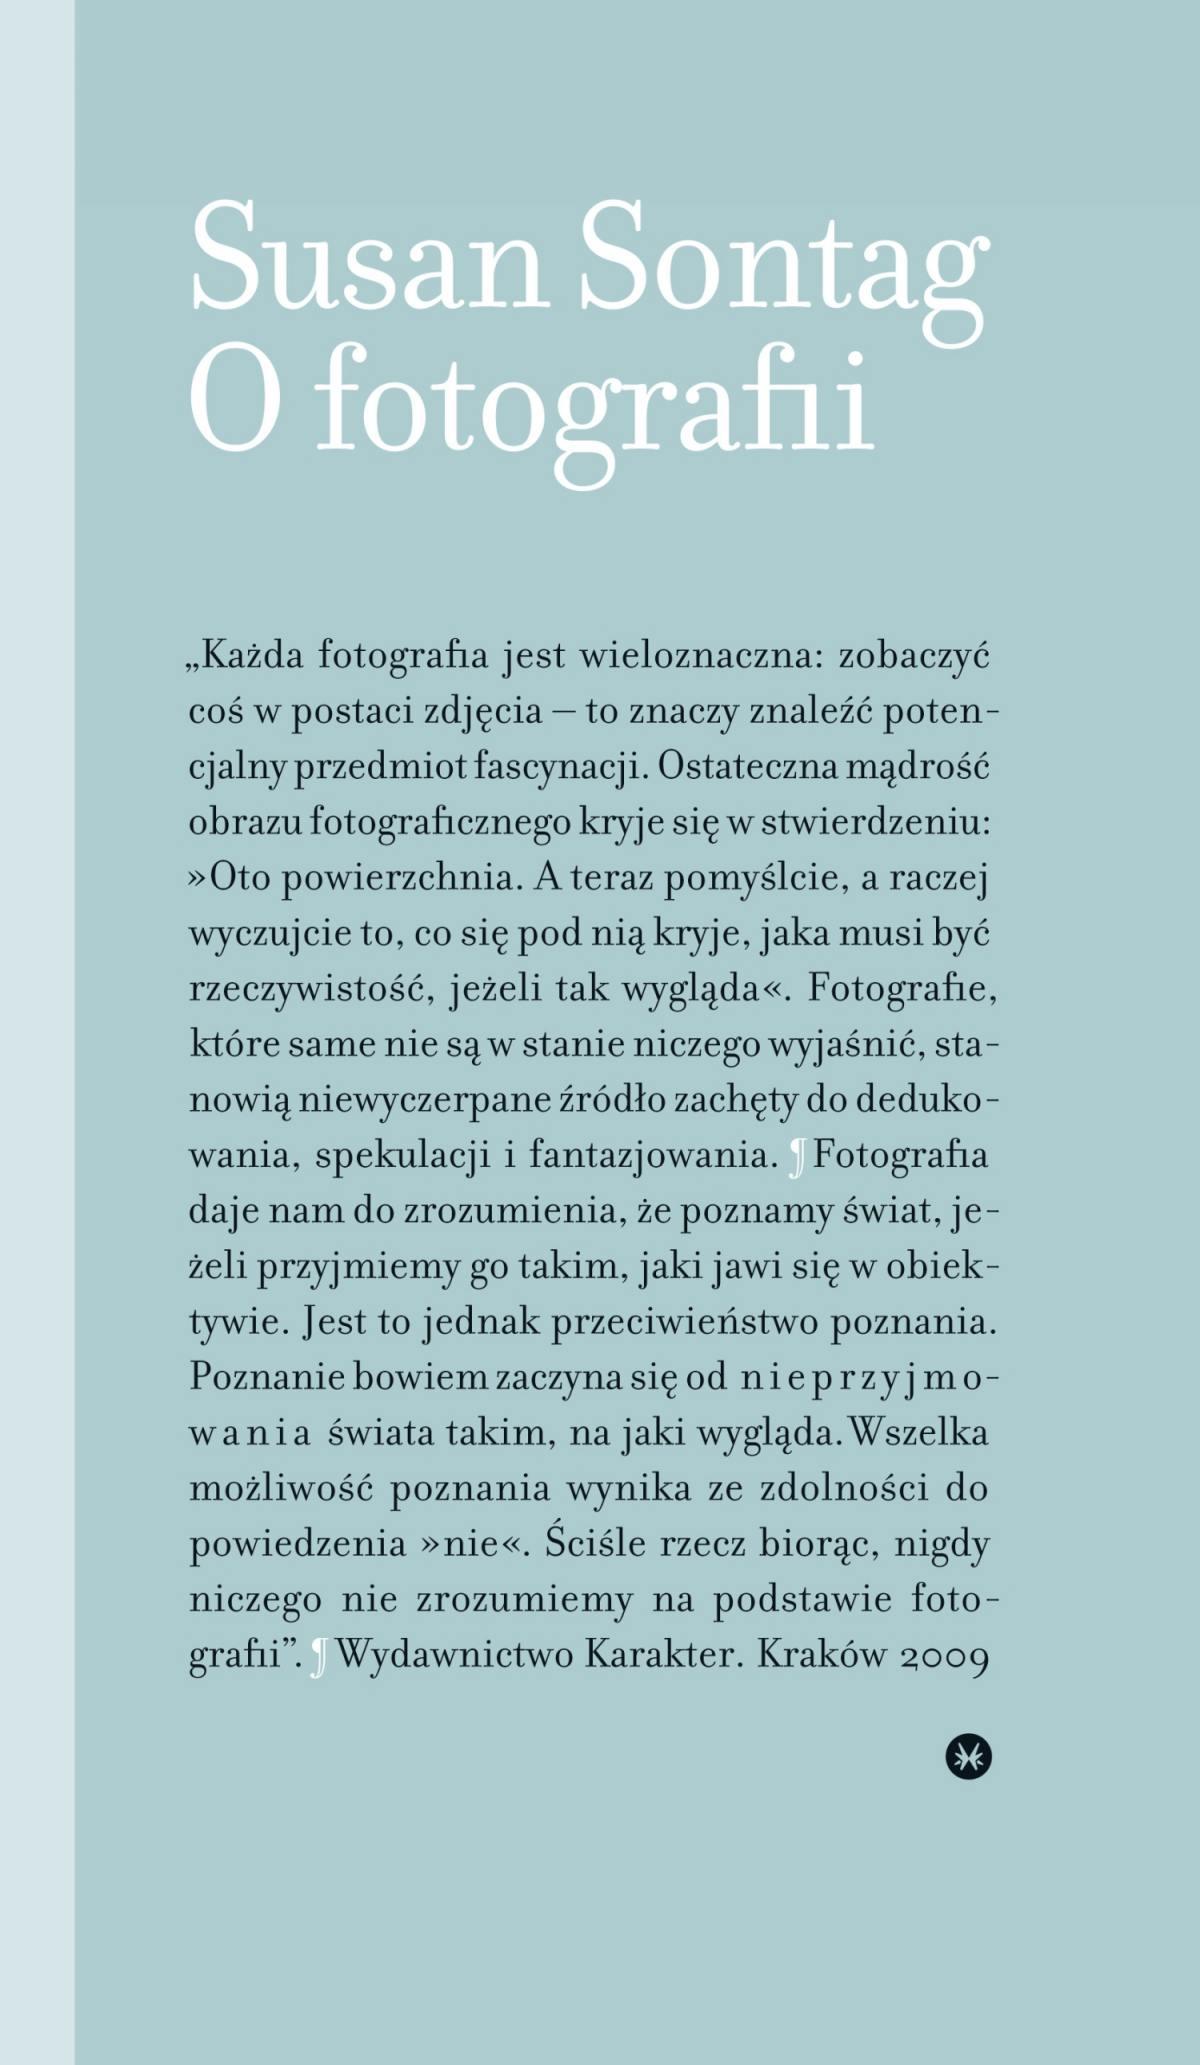 O fotografii - Ebook (Książka EPUB) do pobrania w formacie EPUB